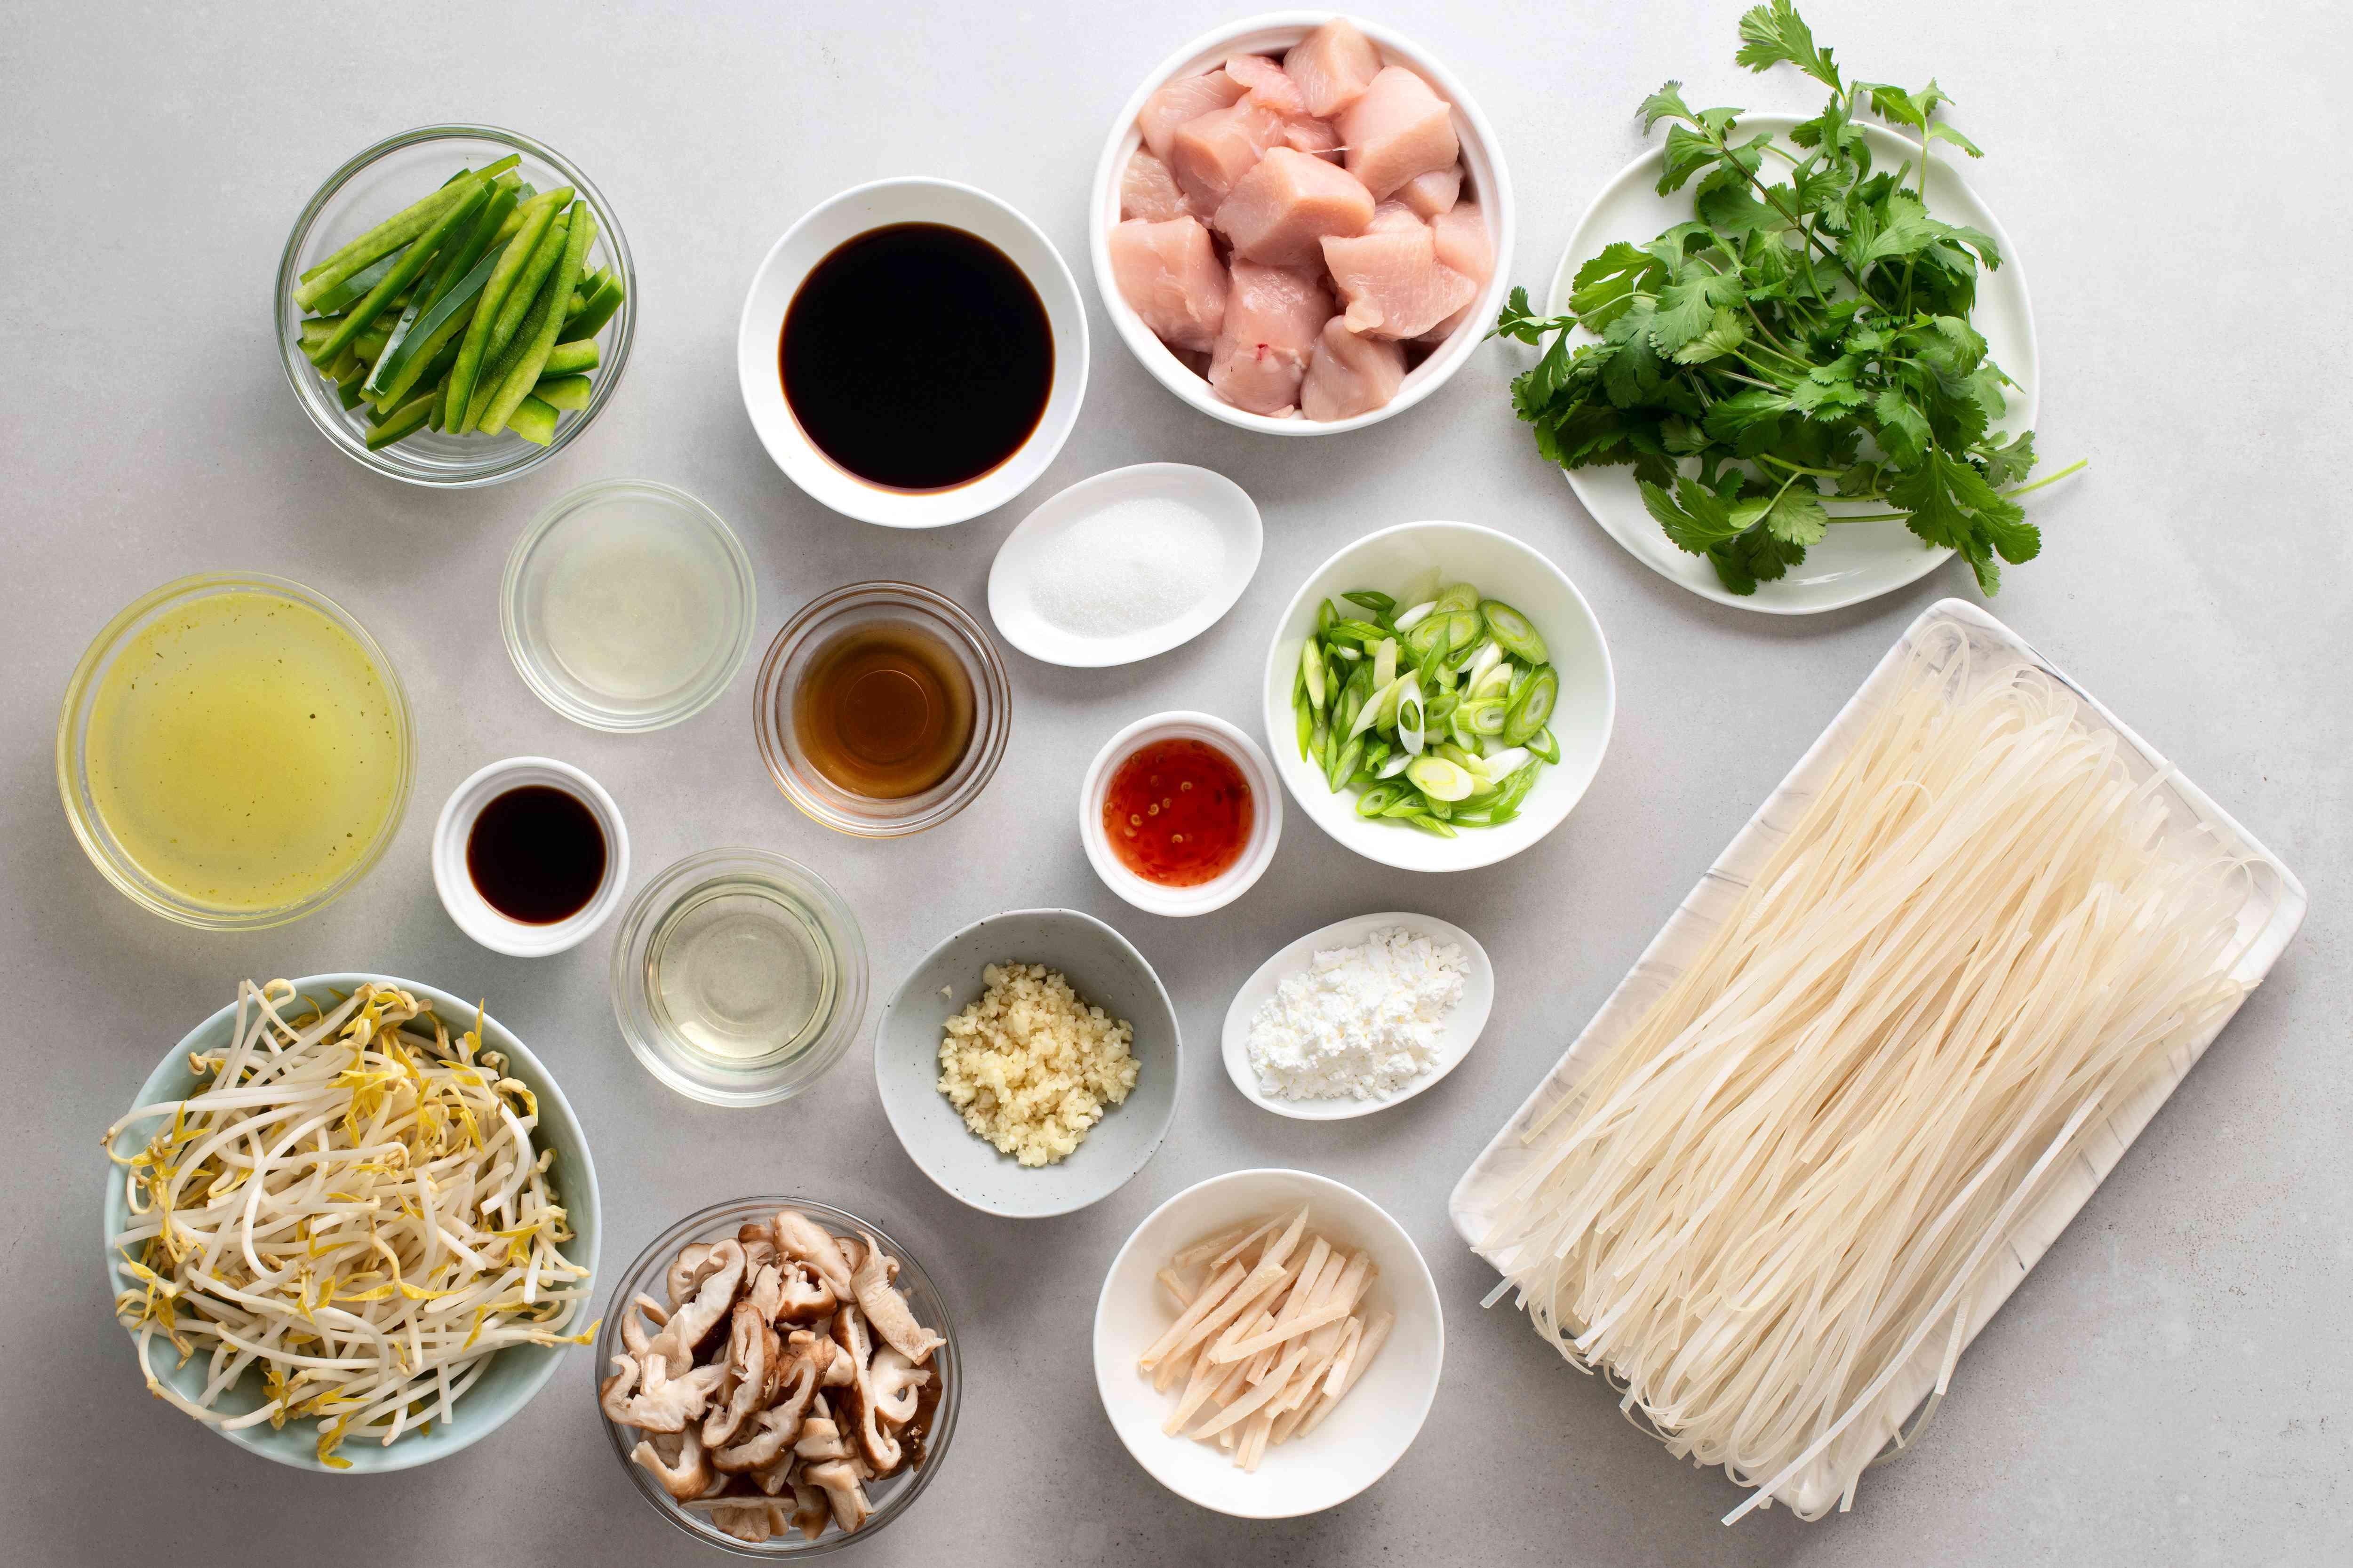 Gluten-Free/Vegan Thai Fried Rice Noodles Recipe ingredients